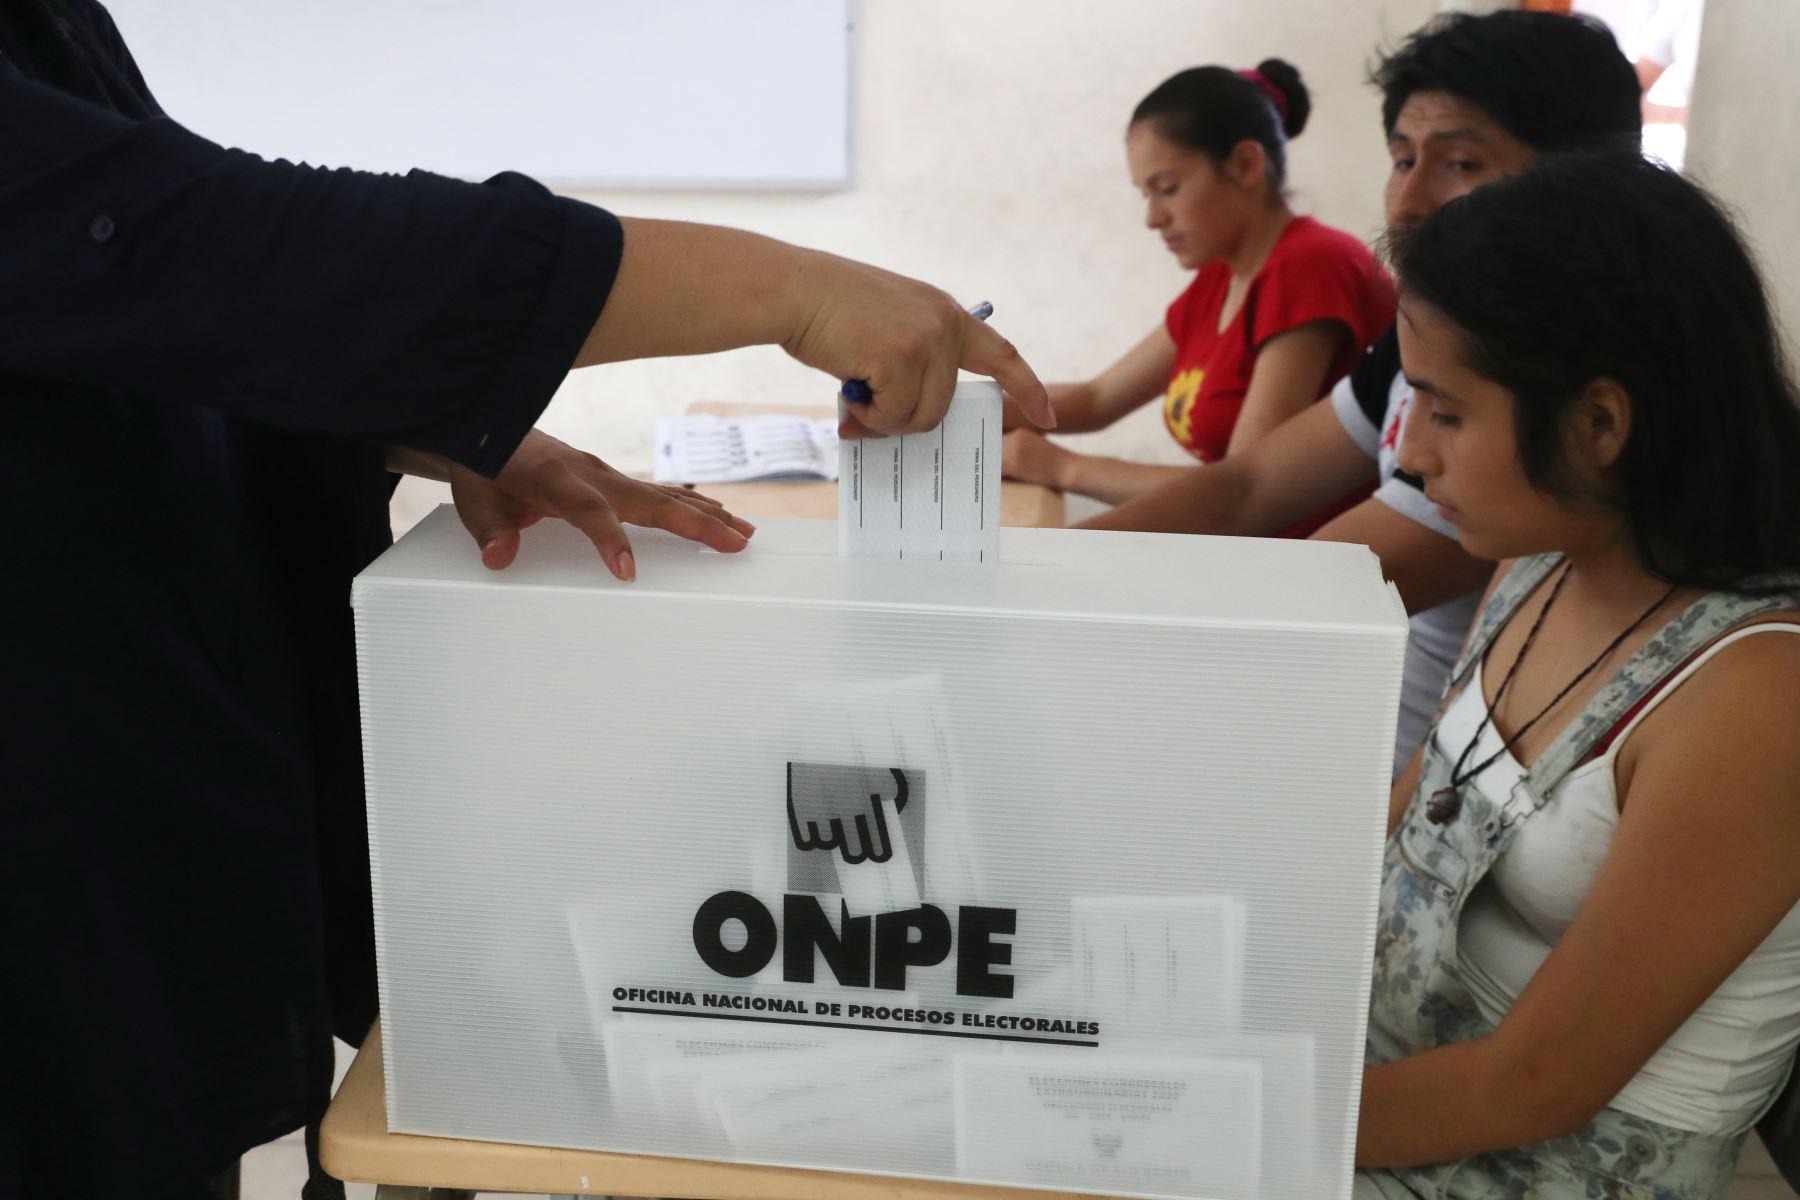 elecciones-2021-miembros-de-mesa-tendran-prioridad-en-vacunacion